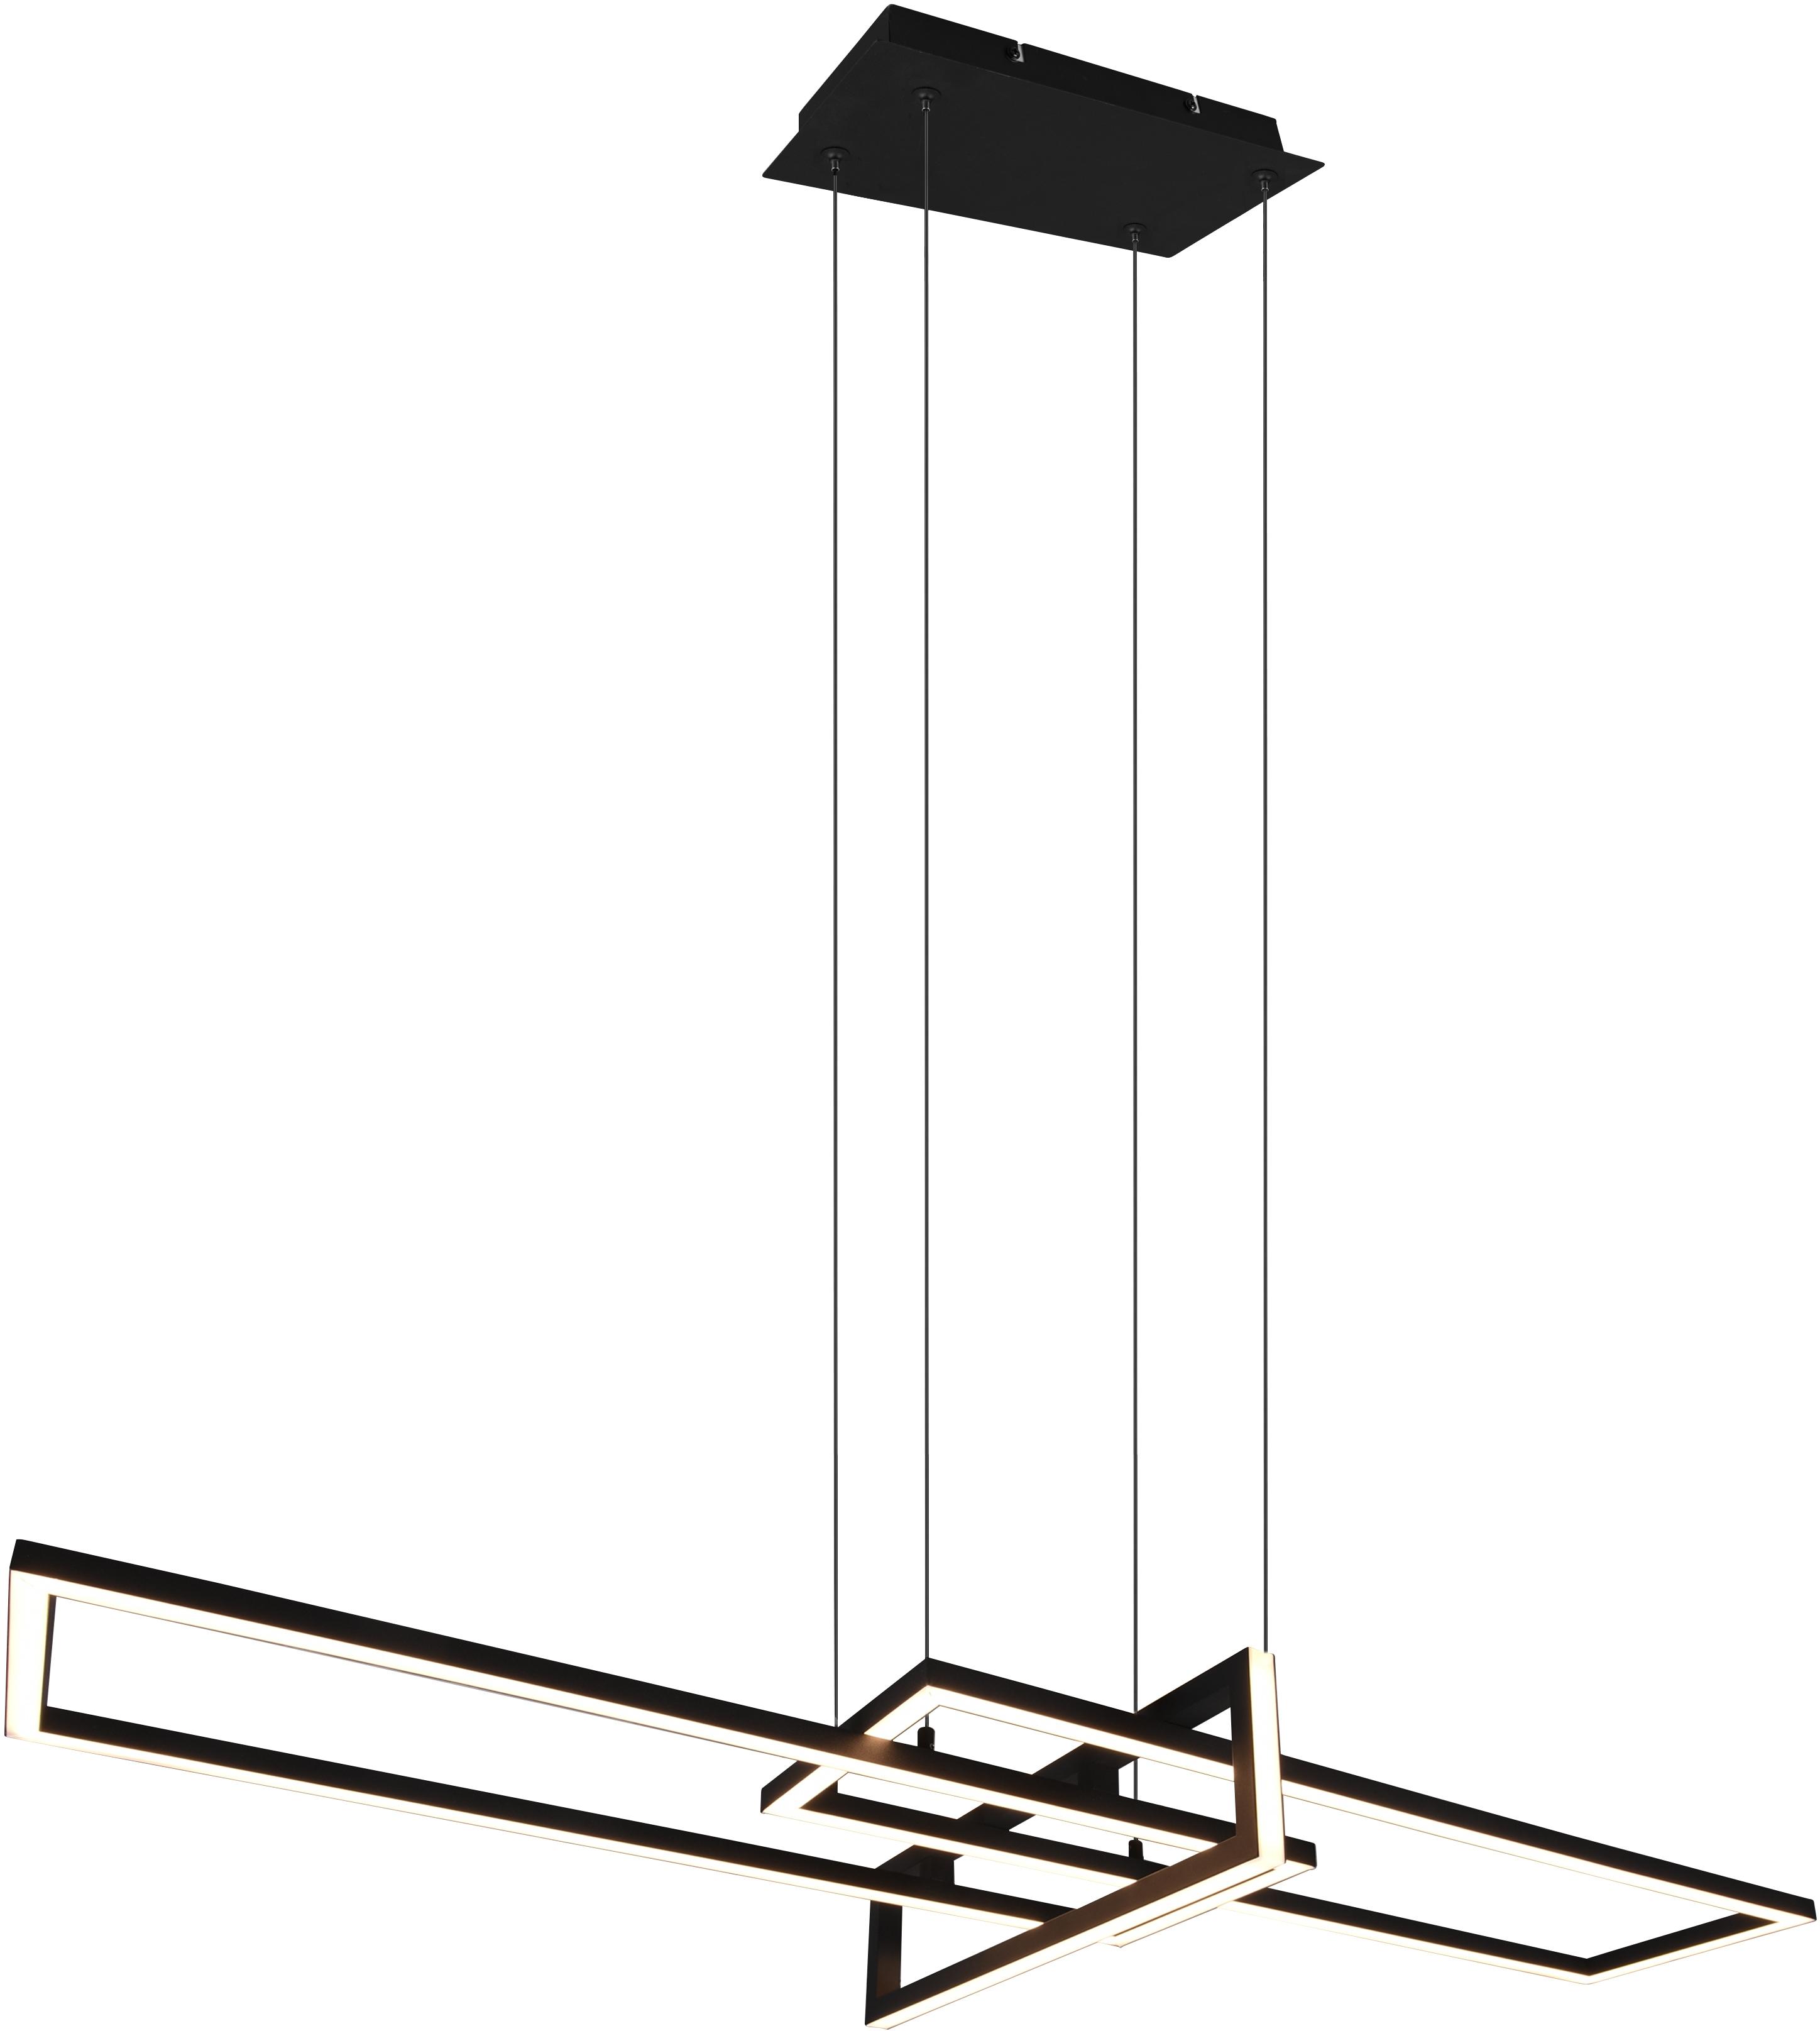 TRIO Leuchten LED Pendelleuchte ALICA, Pendelleuchte, Hängelampe, LED-Modul, 1 St., Warmweiß, mit Switch Dimmer, über Wandschalter dimmbar, Abhängung 150 cm, 3000K, 4200 Lm